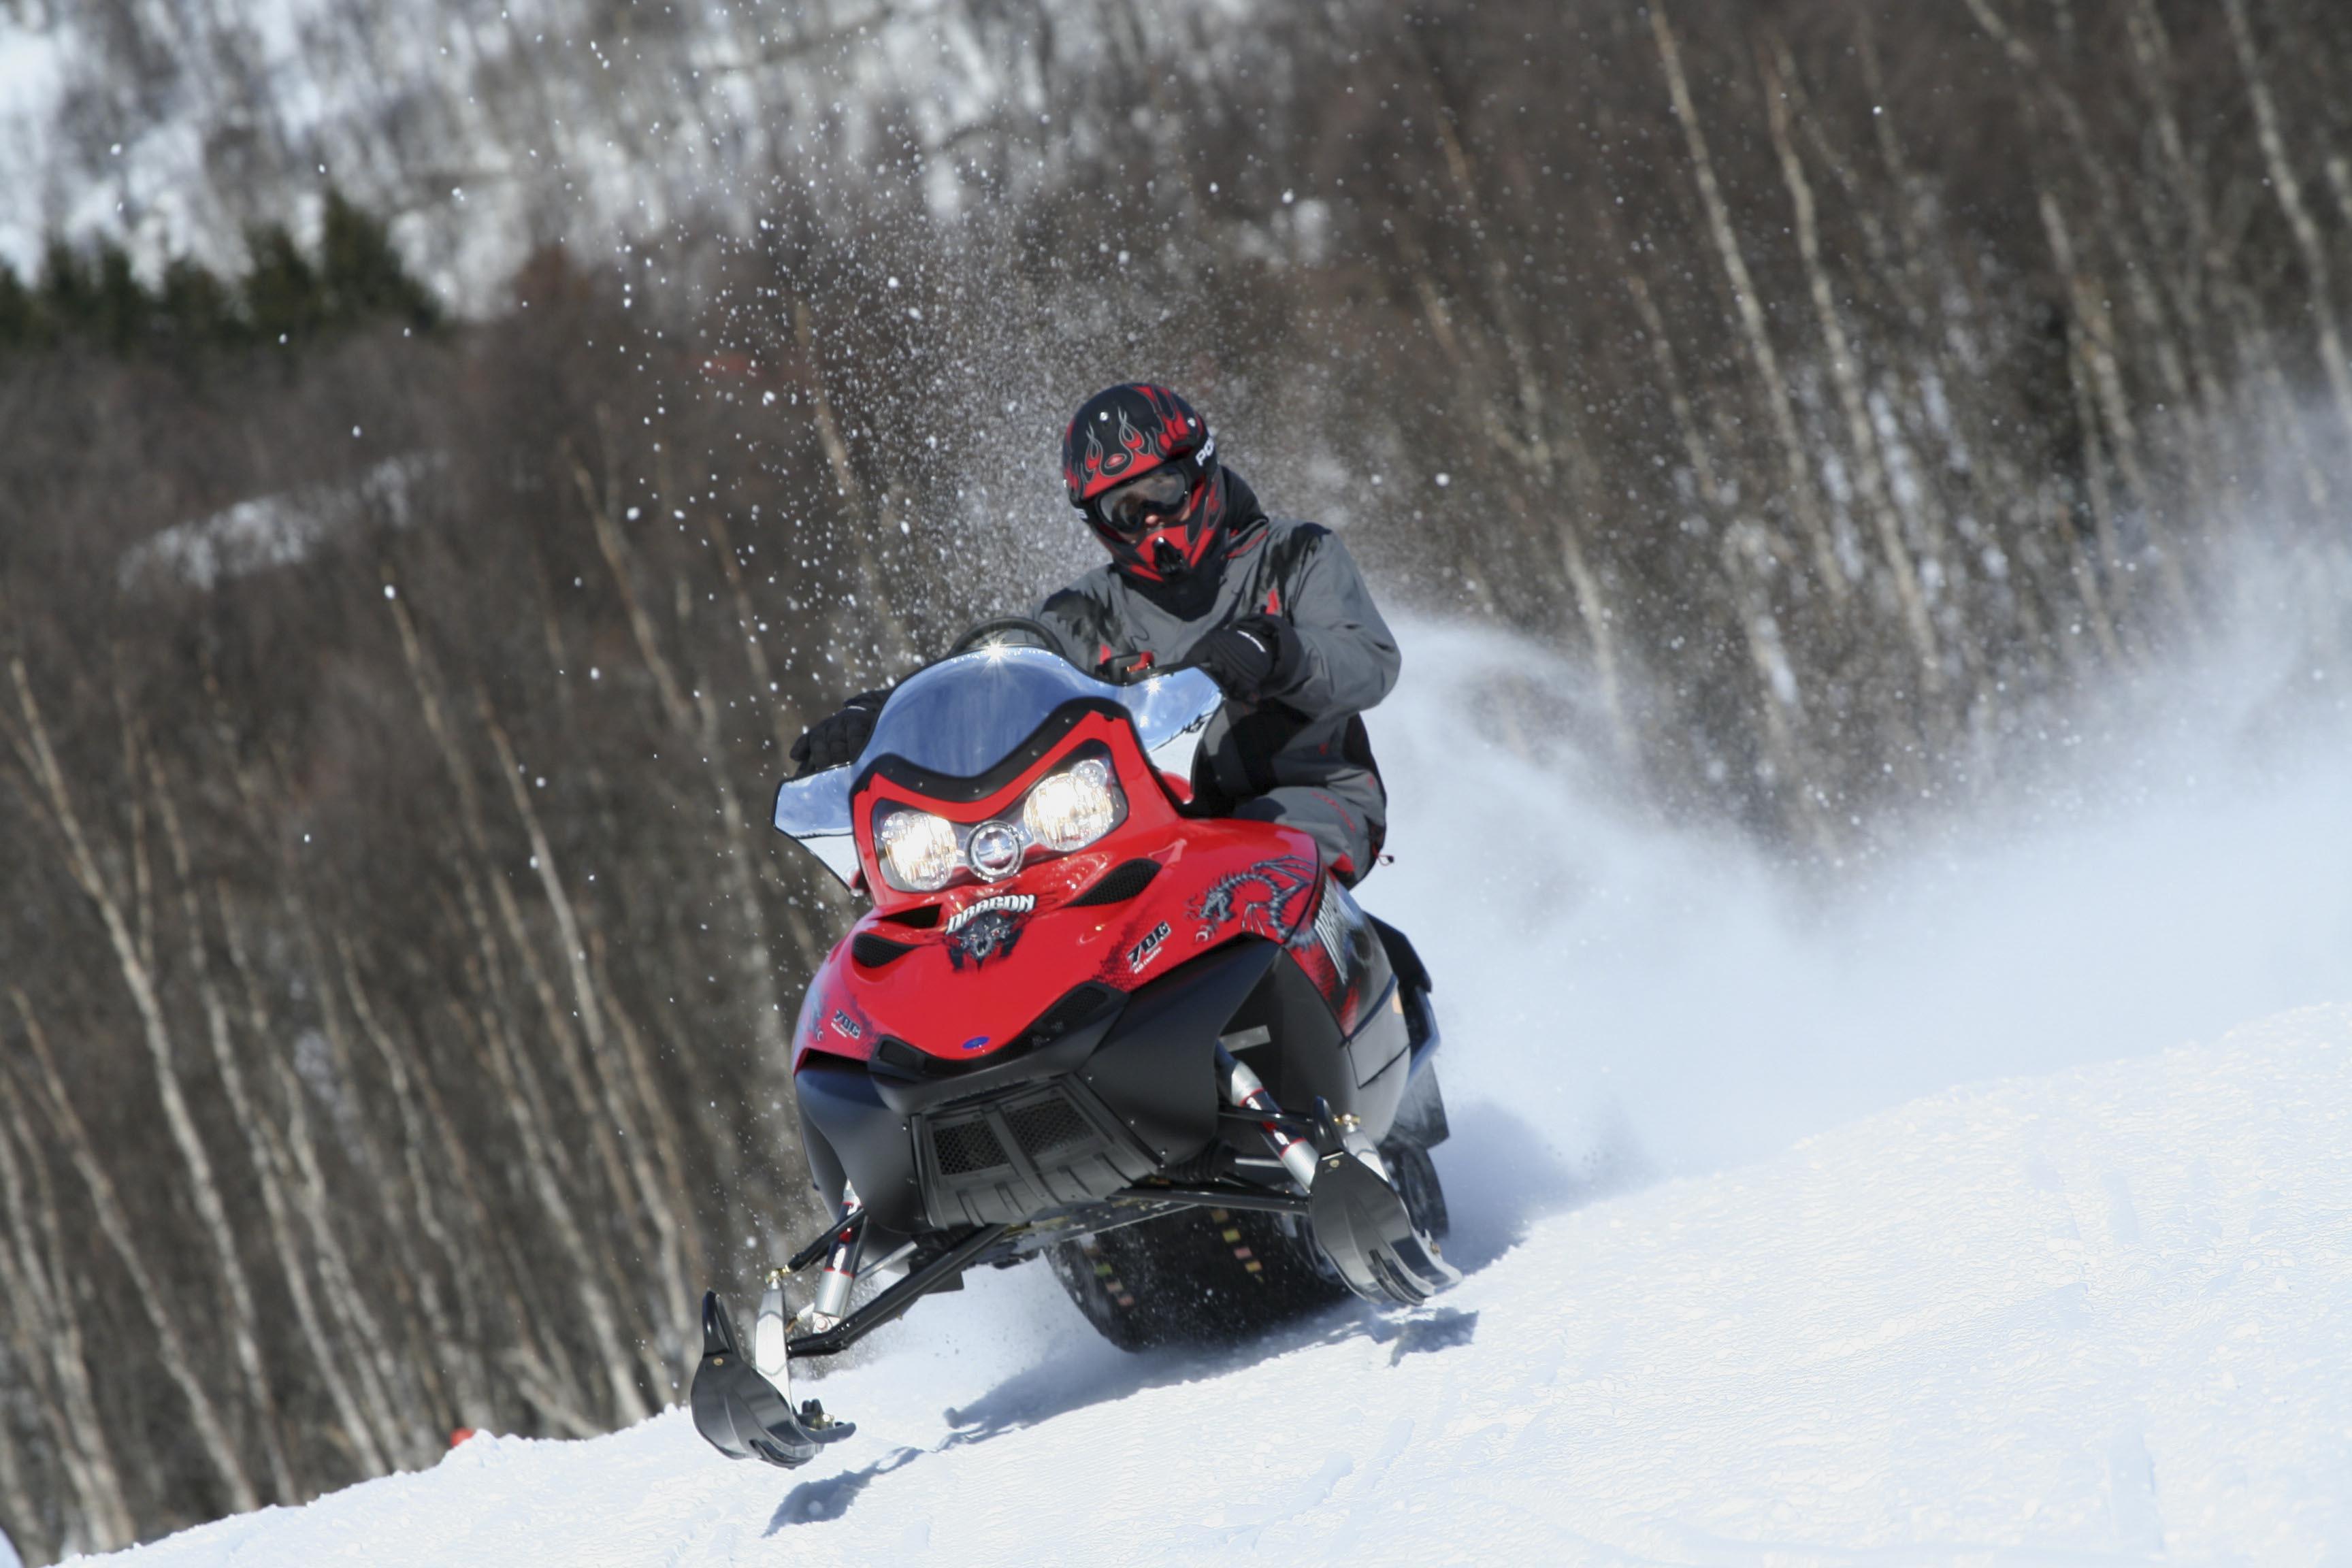 IceDrive, Ice Drive, motoraktiviteter, isbane, snøscooter, Golsfjellet, Gol, Hemsedal, Hallingdal, Valdres.